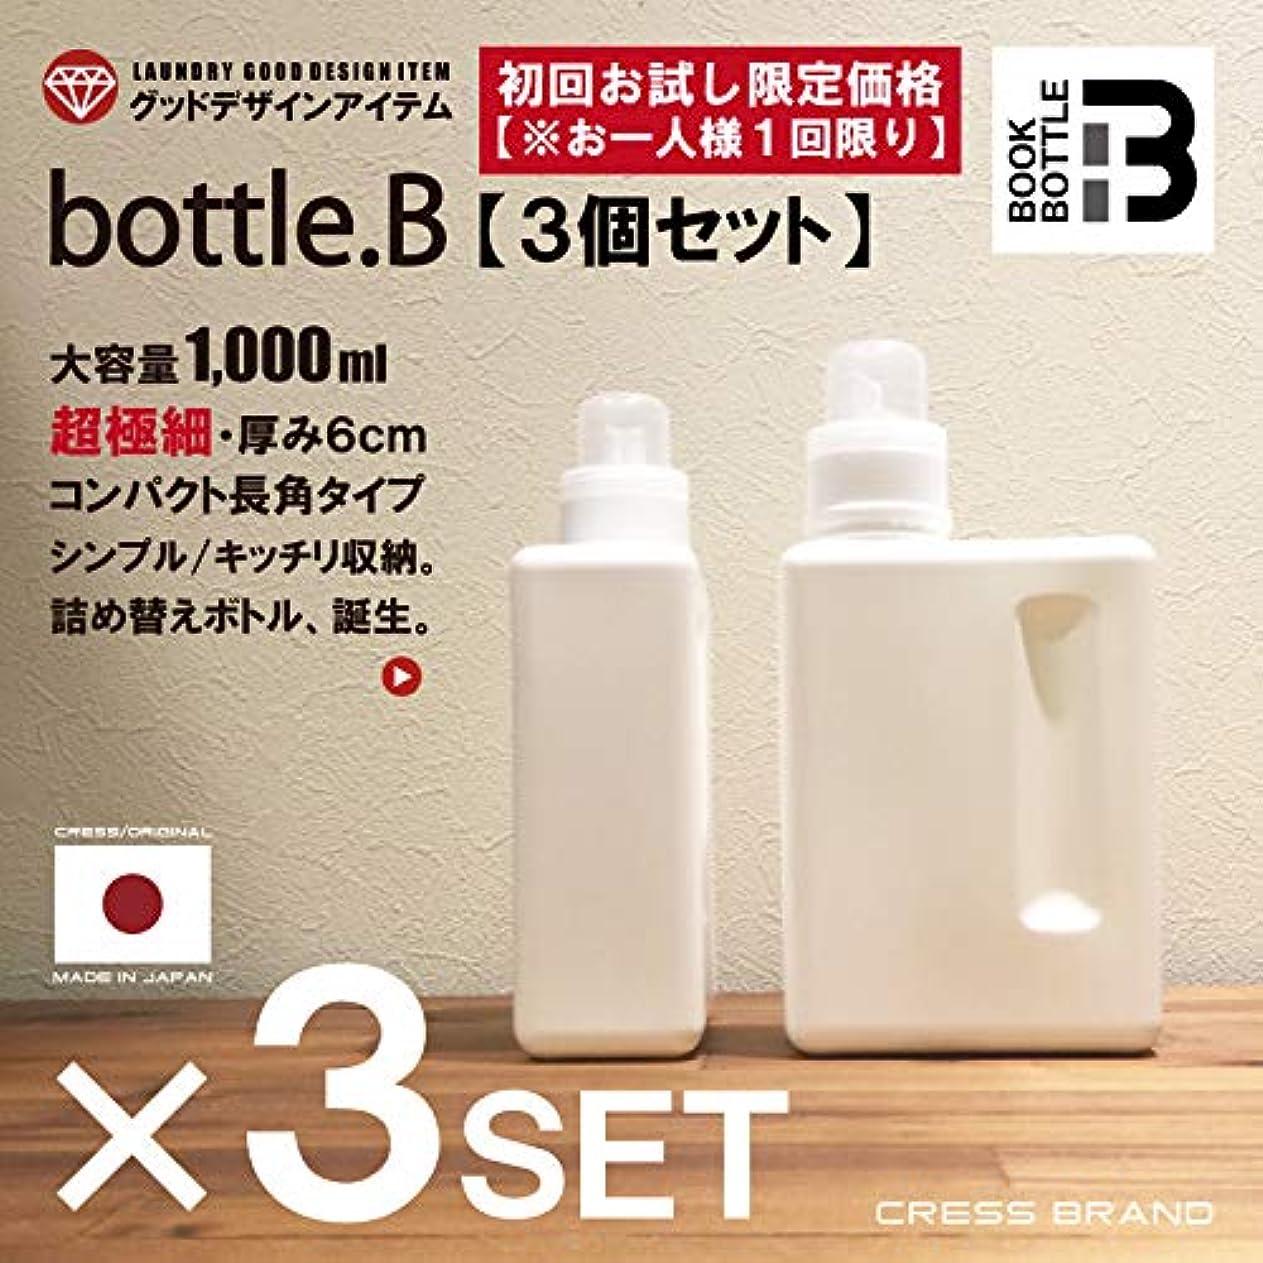 怠省マカダム<3個セット>bottle.B-3set【初回お試し限定価格?お一人さ様1回限り】[クレス?オリジナルボトル]1000ml BOOK-BOTTLE